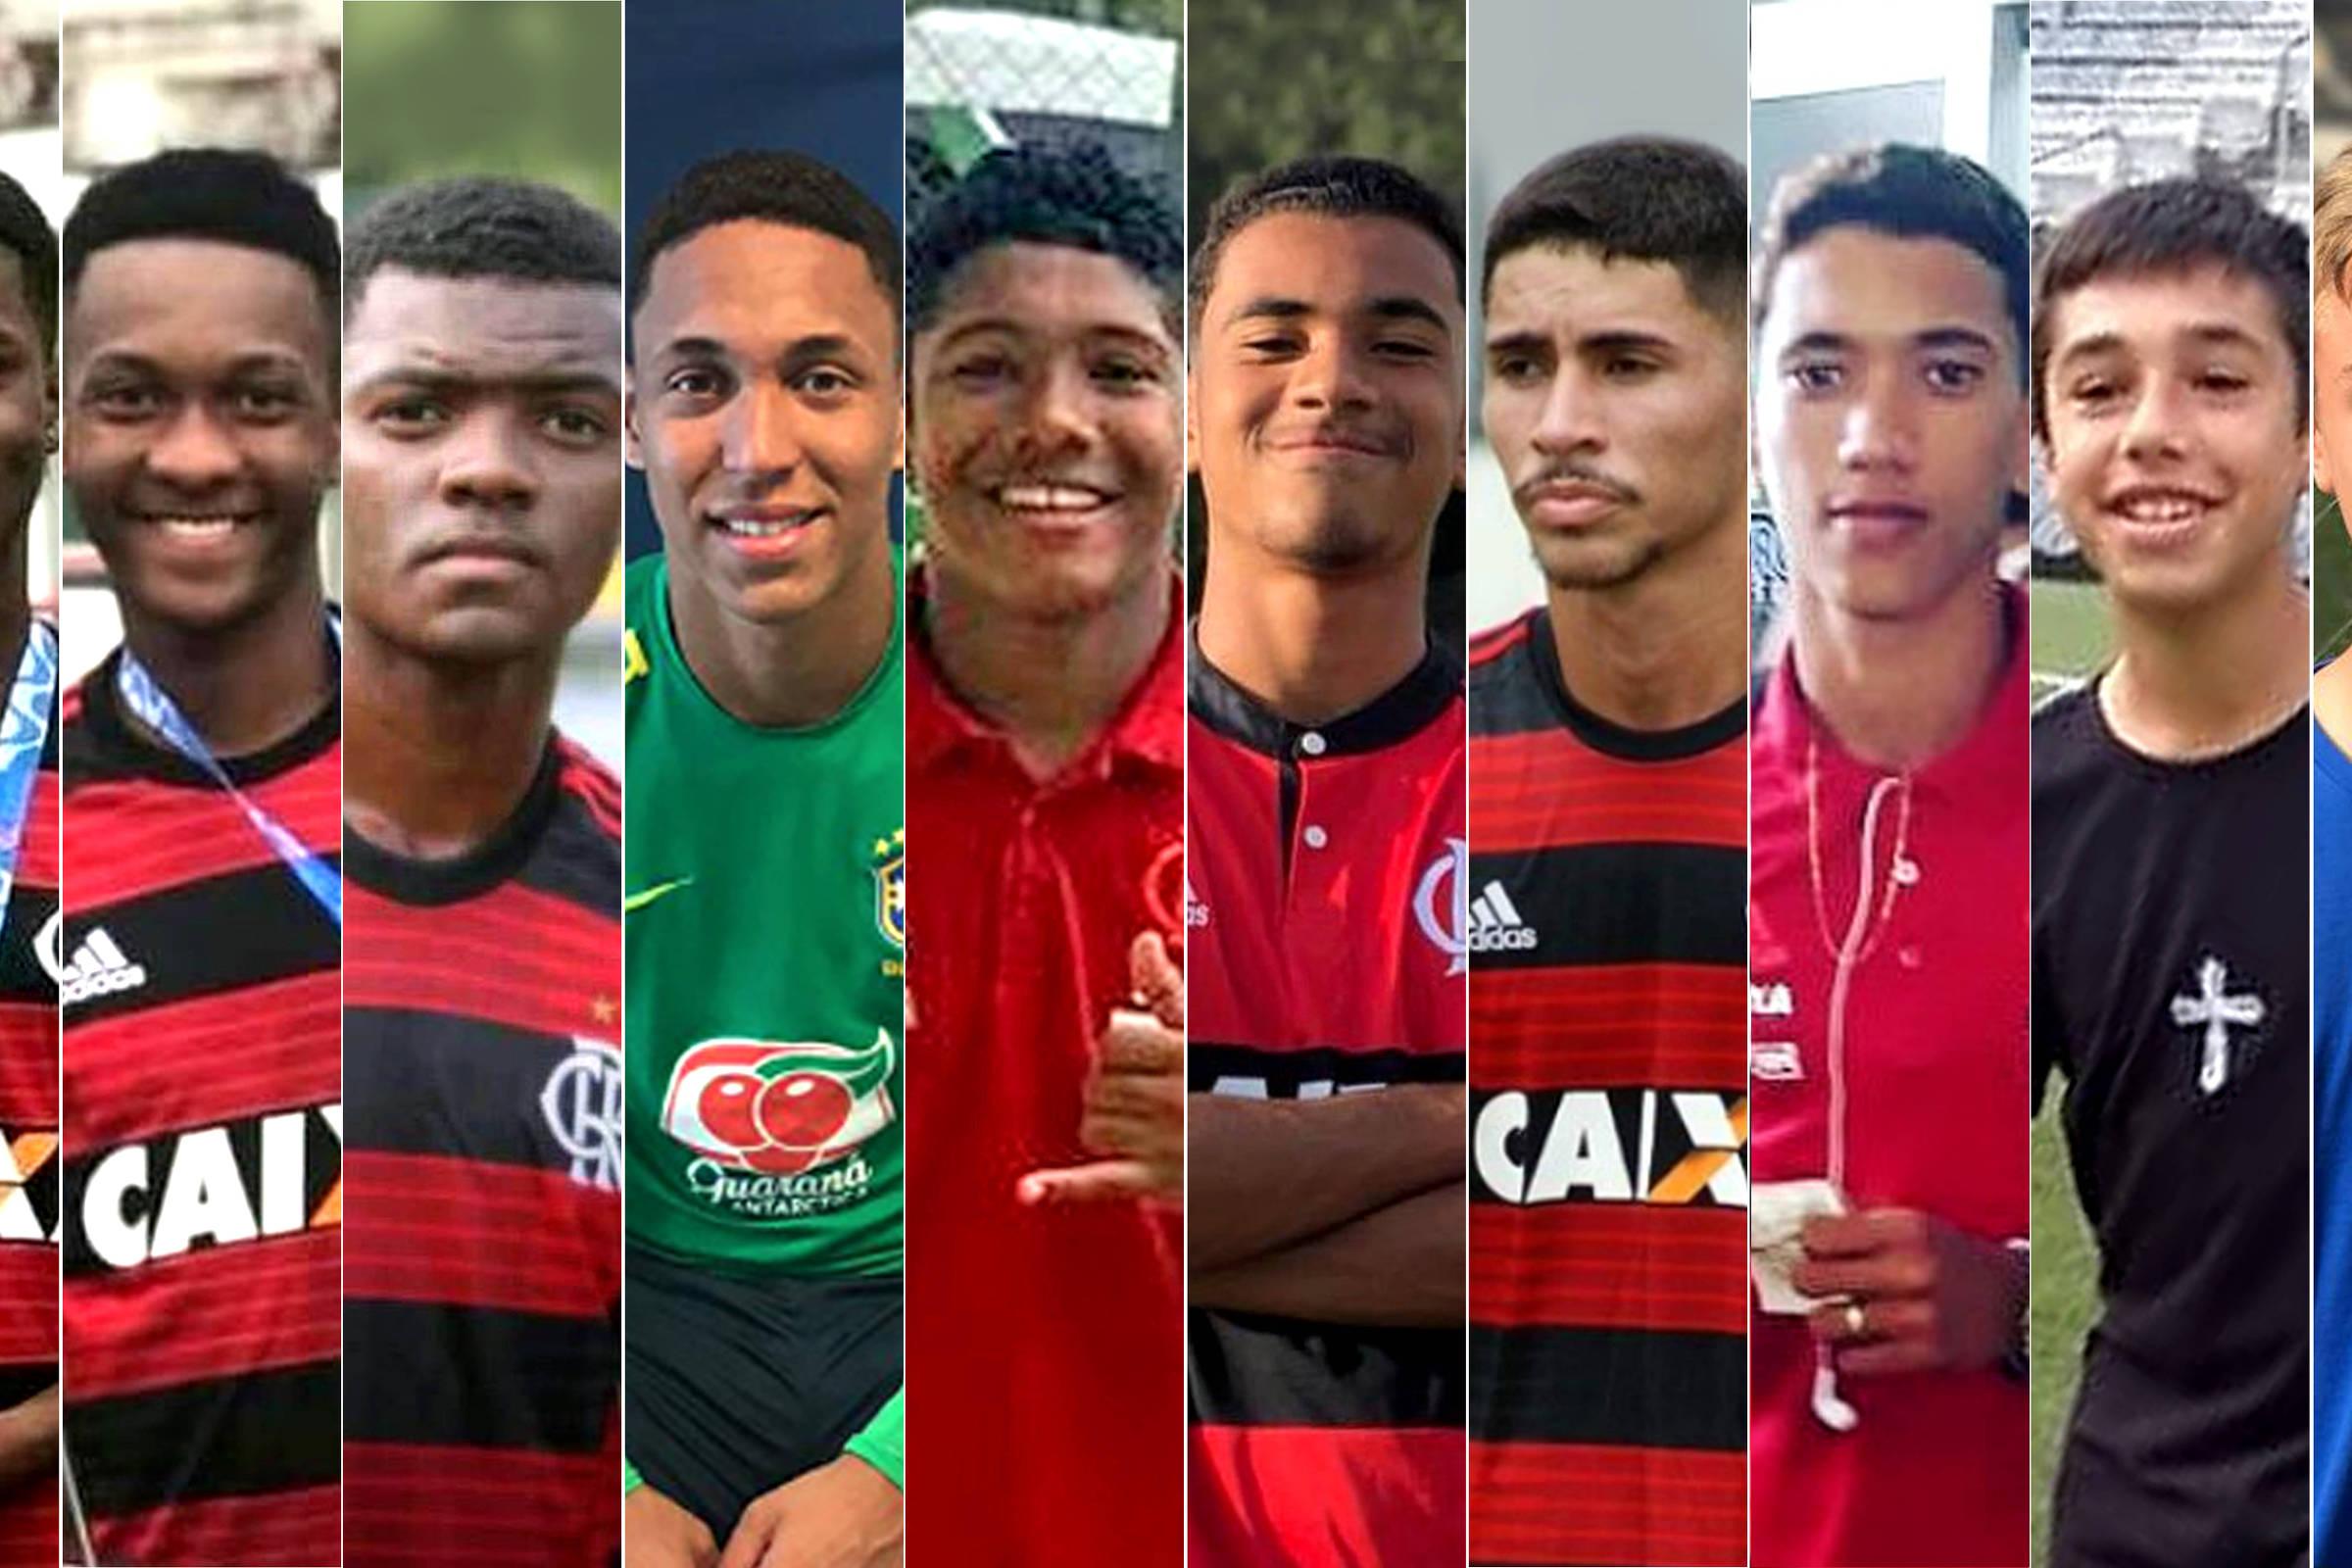 151c810a1ff49 Veja quem são as vítimas do incêndio do CT do Flamengo - 09 02 2019 -  Esporte - Folha